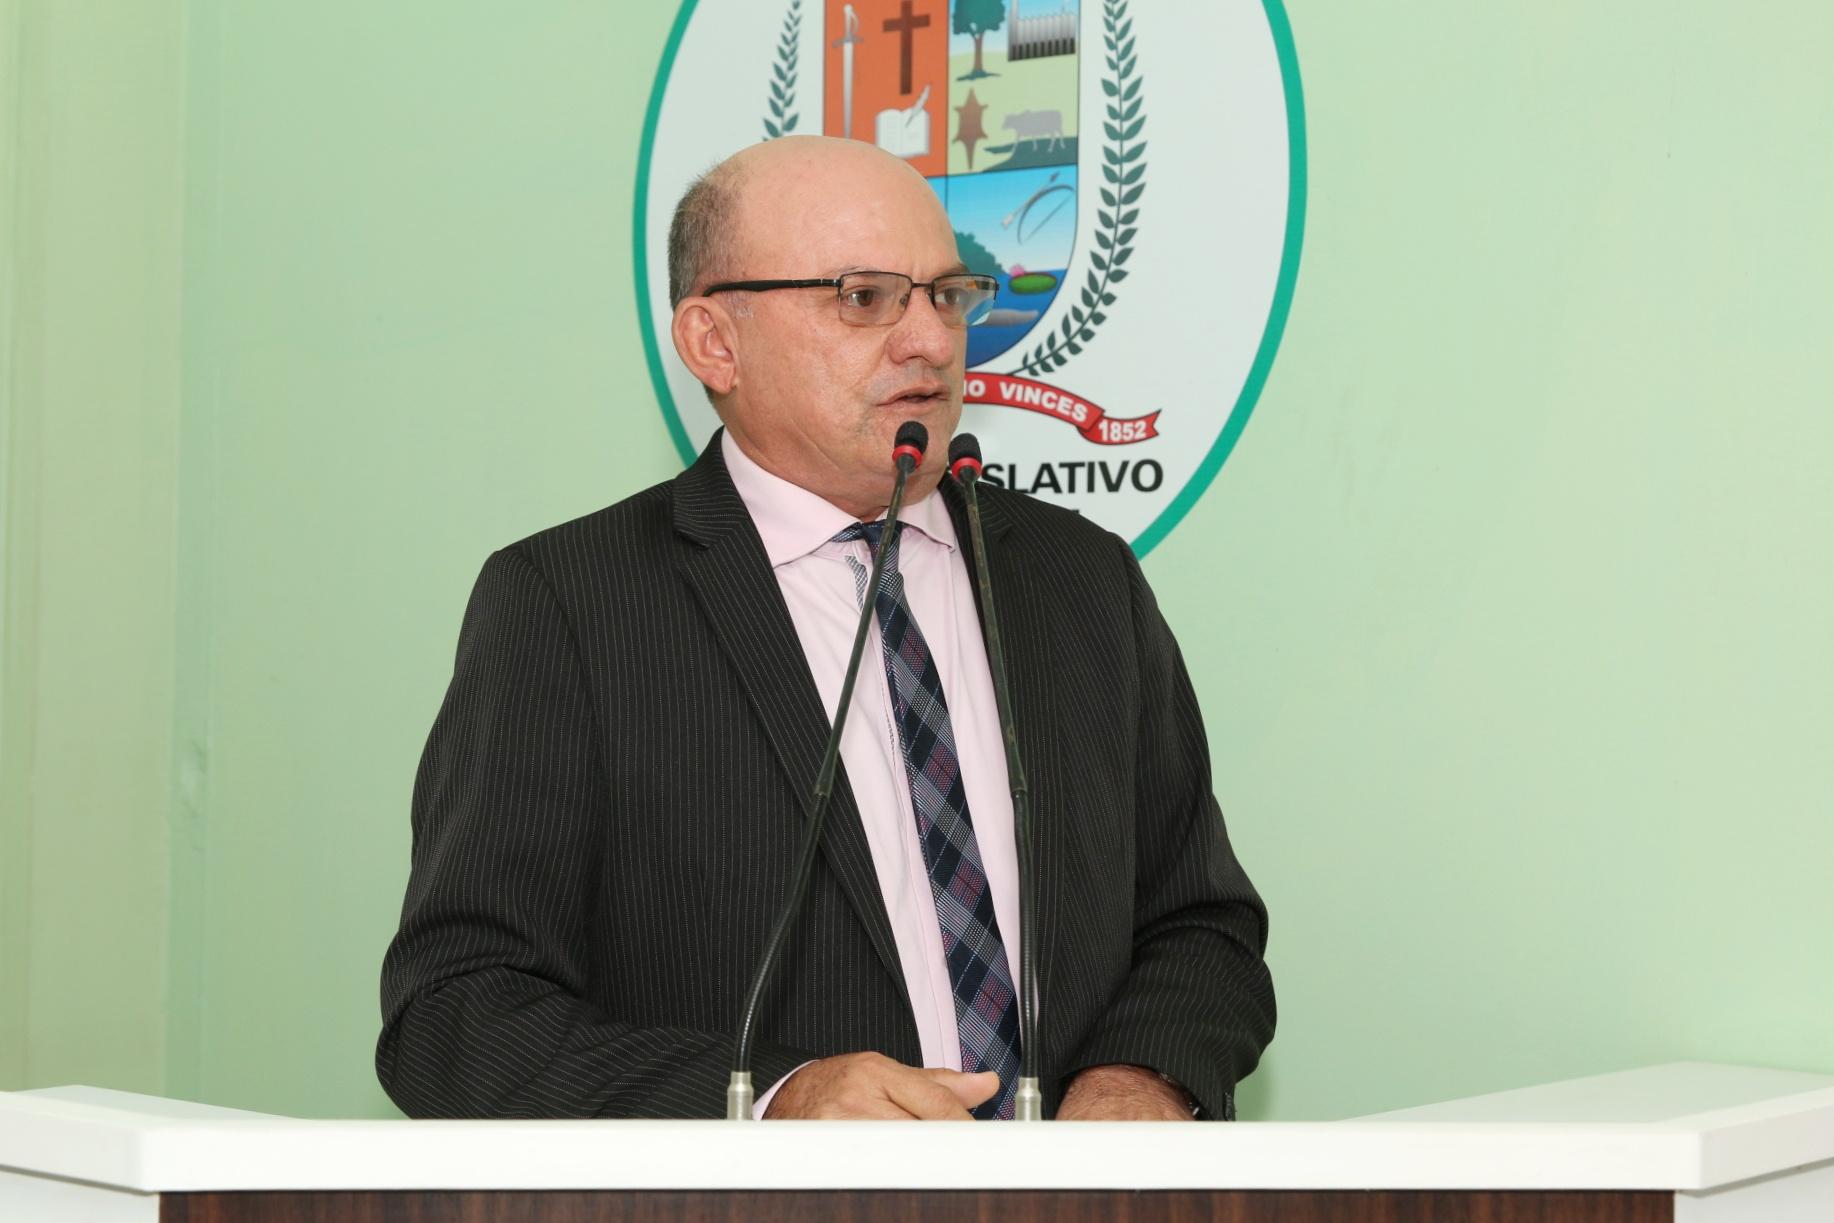 Cabo Linhares apresenta Moção de Aplausos aos Guardas Municipais e destaca agenda parlamentar